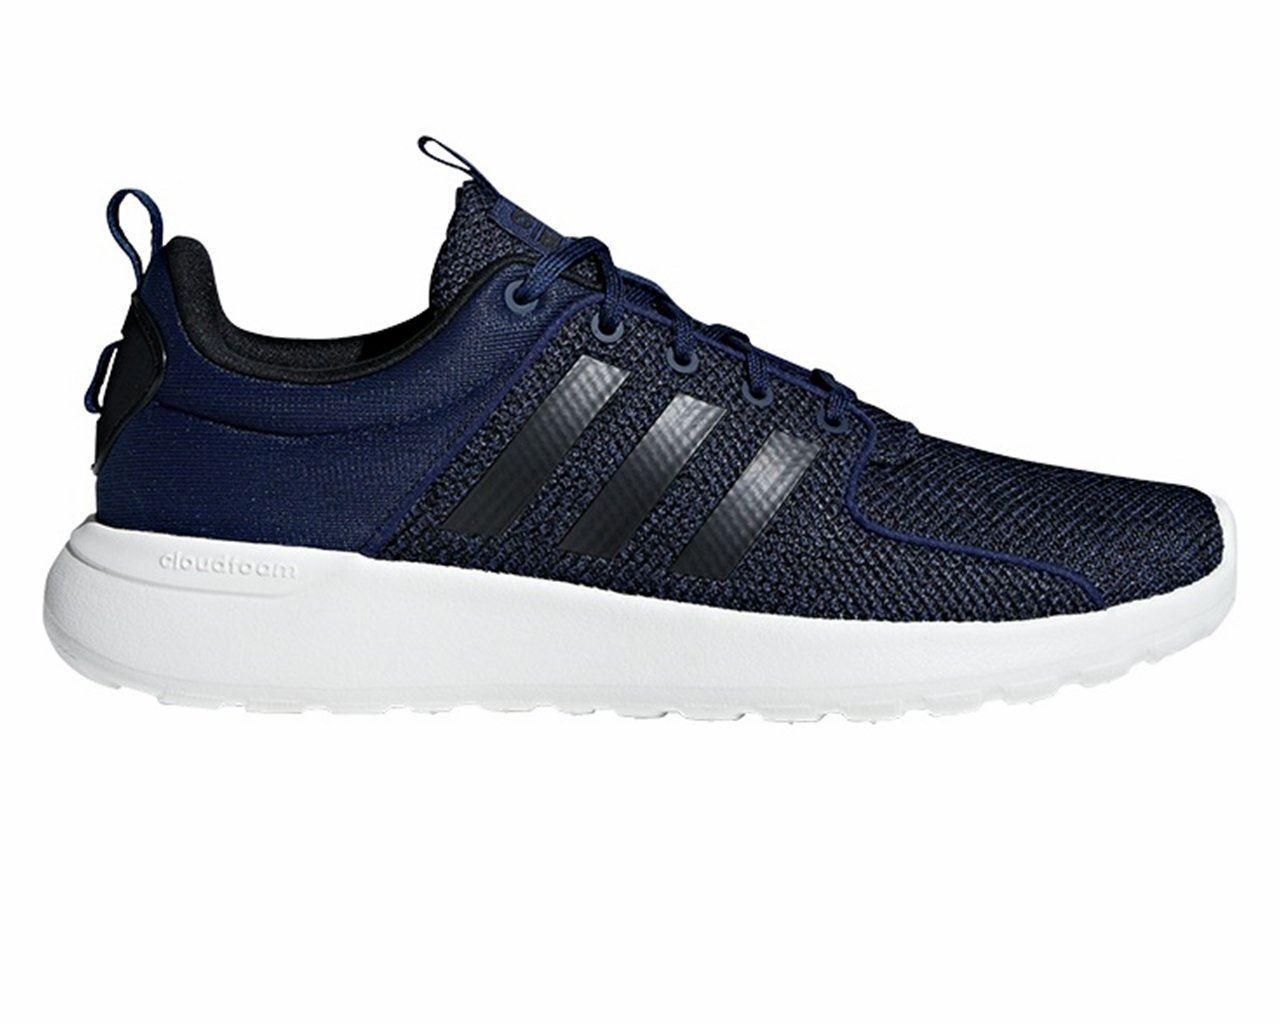 Para Hombre Adidas Cloudfoam CF Luz Racer B44731 Entrenadores Azul Tenis Para Correr